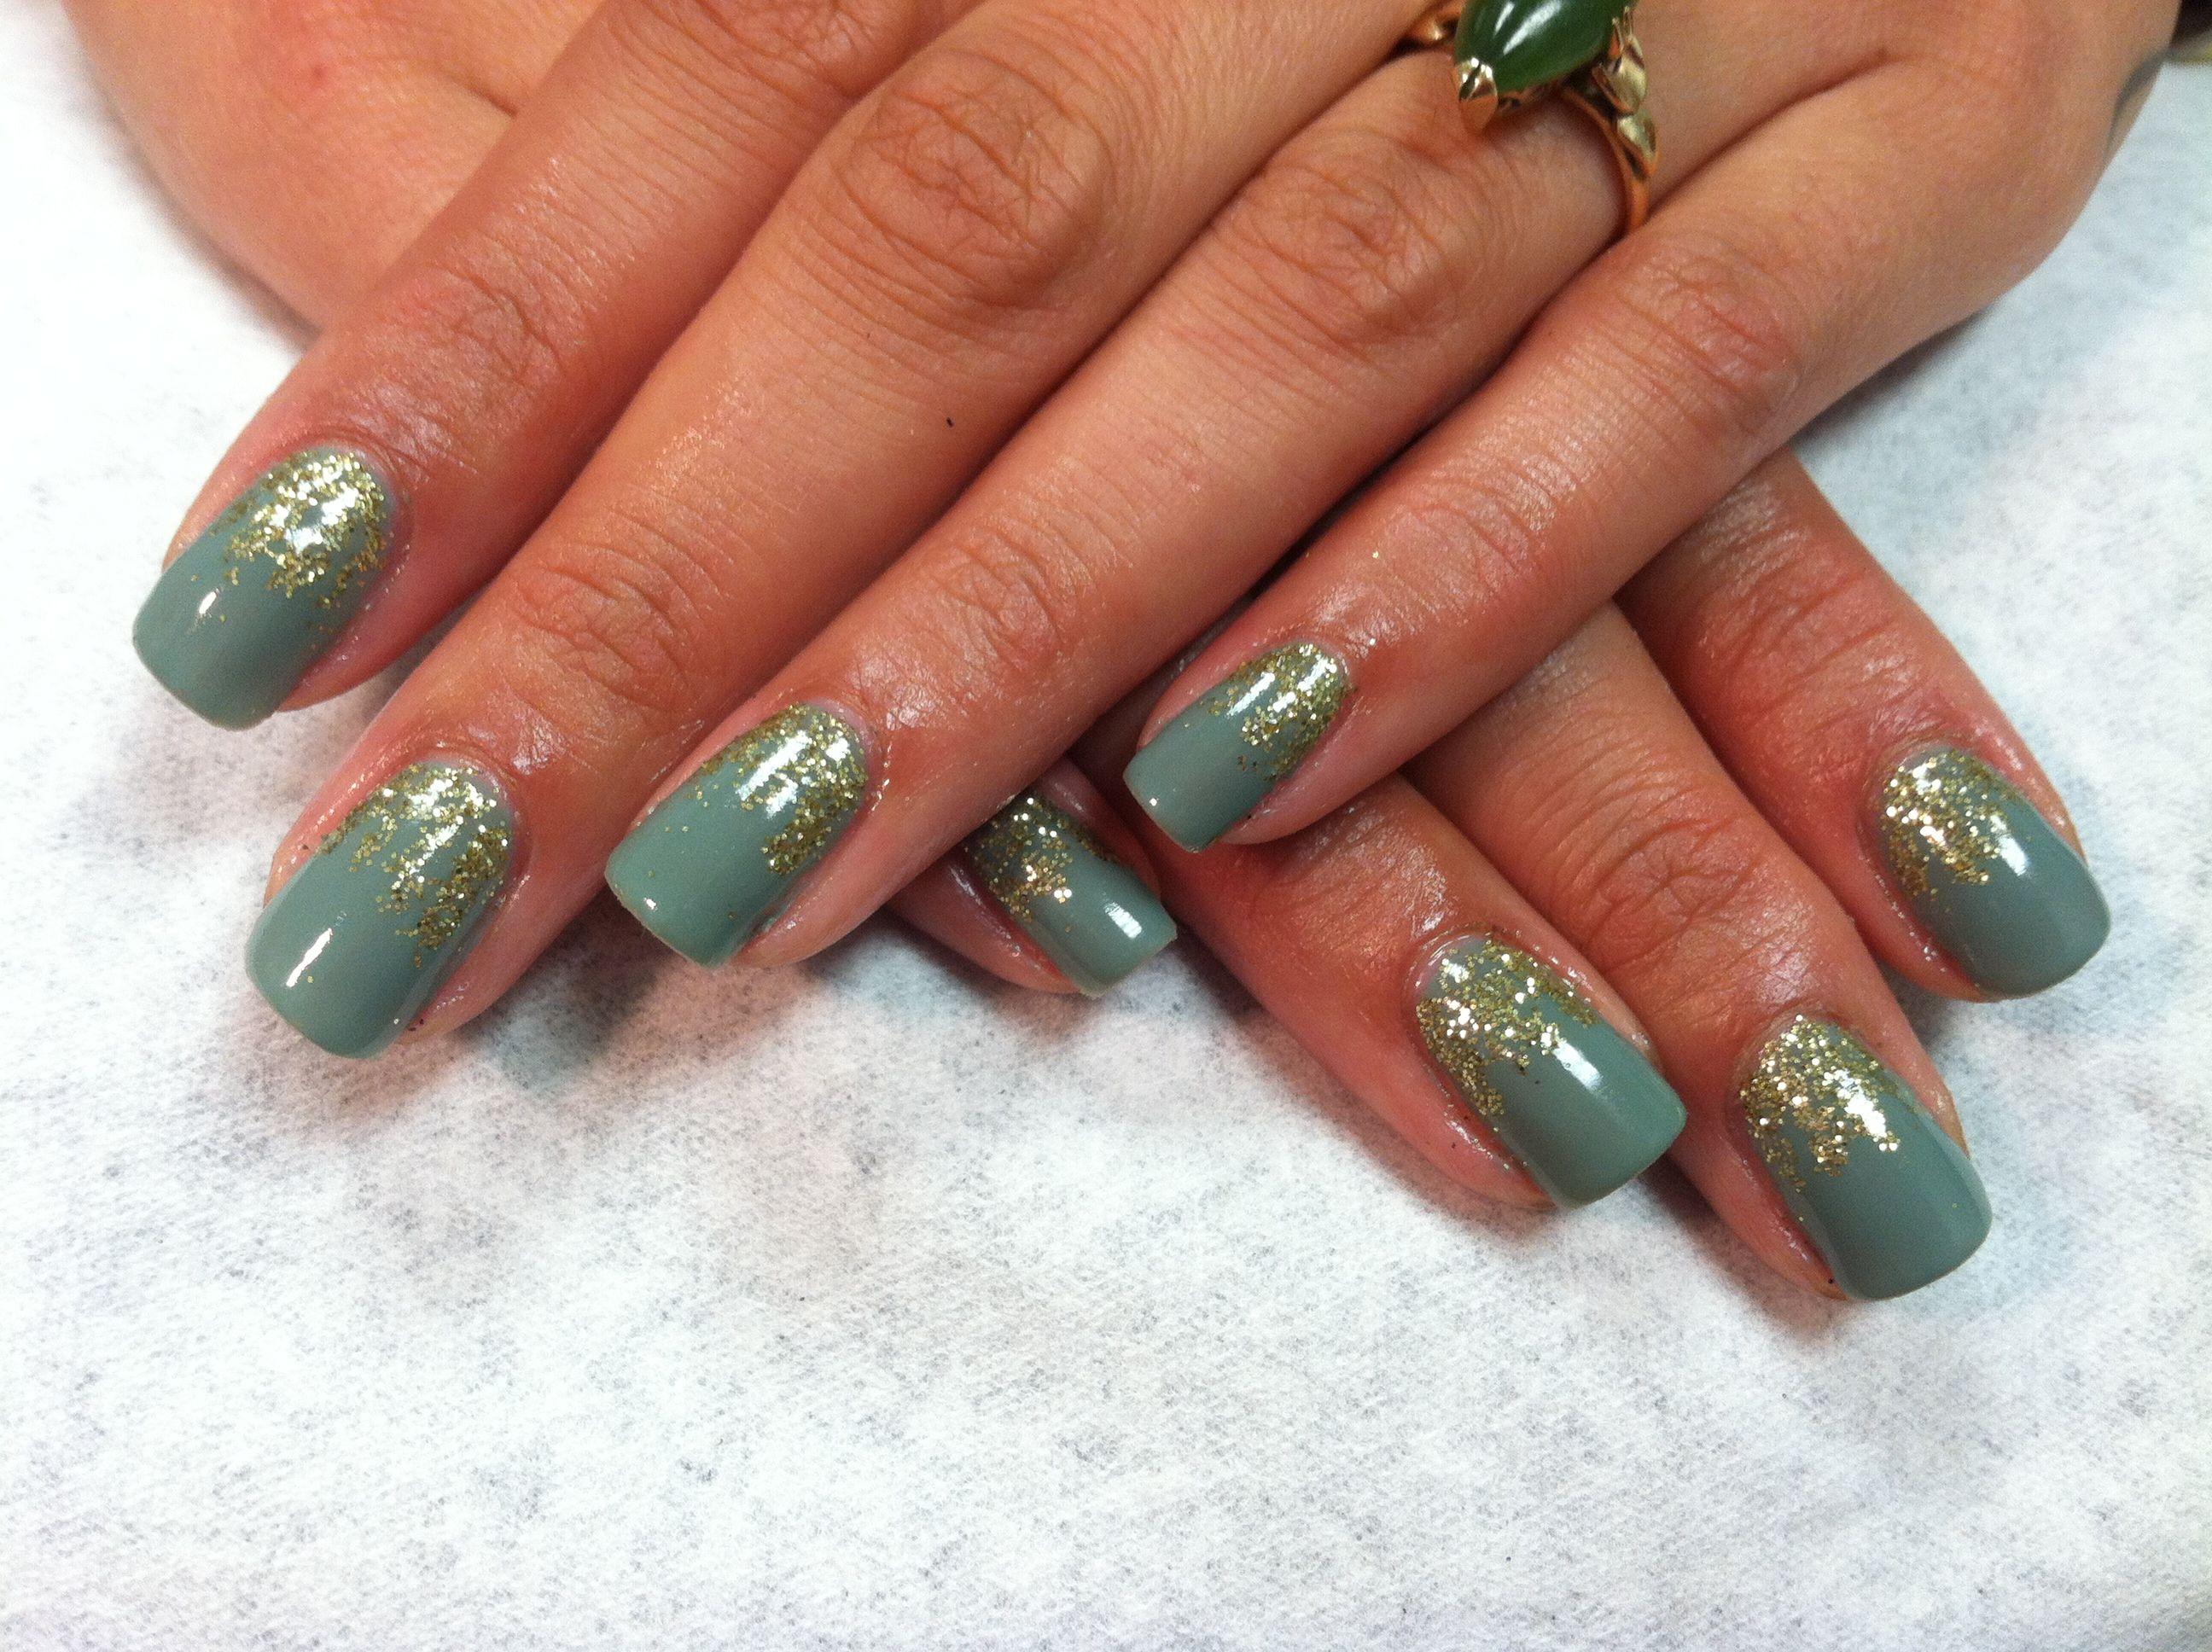 Green gold glitter shellac nails | Hair & Beauty | Pinterest